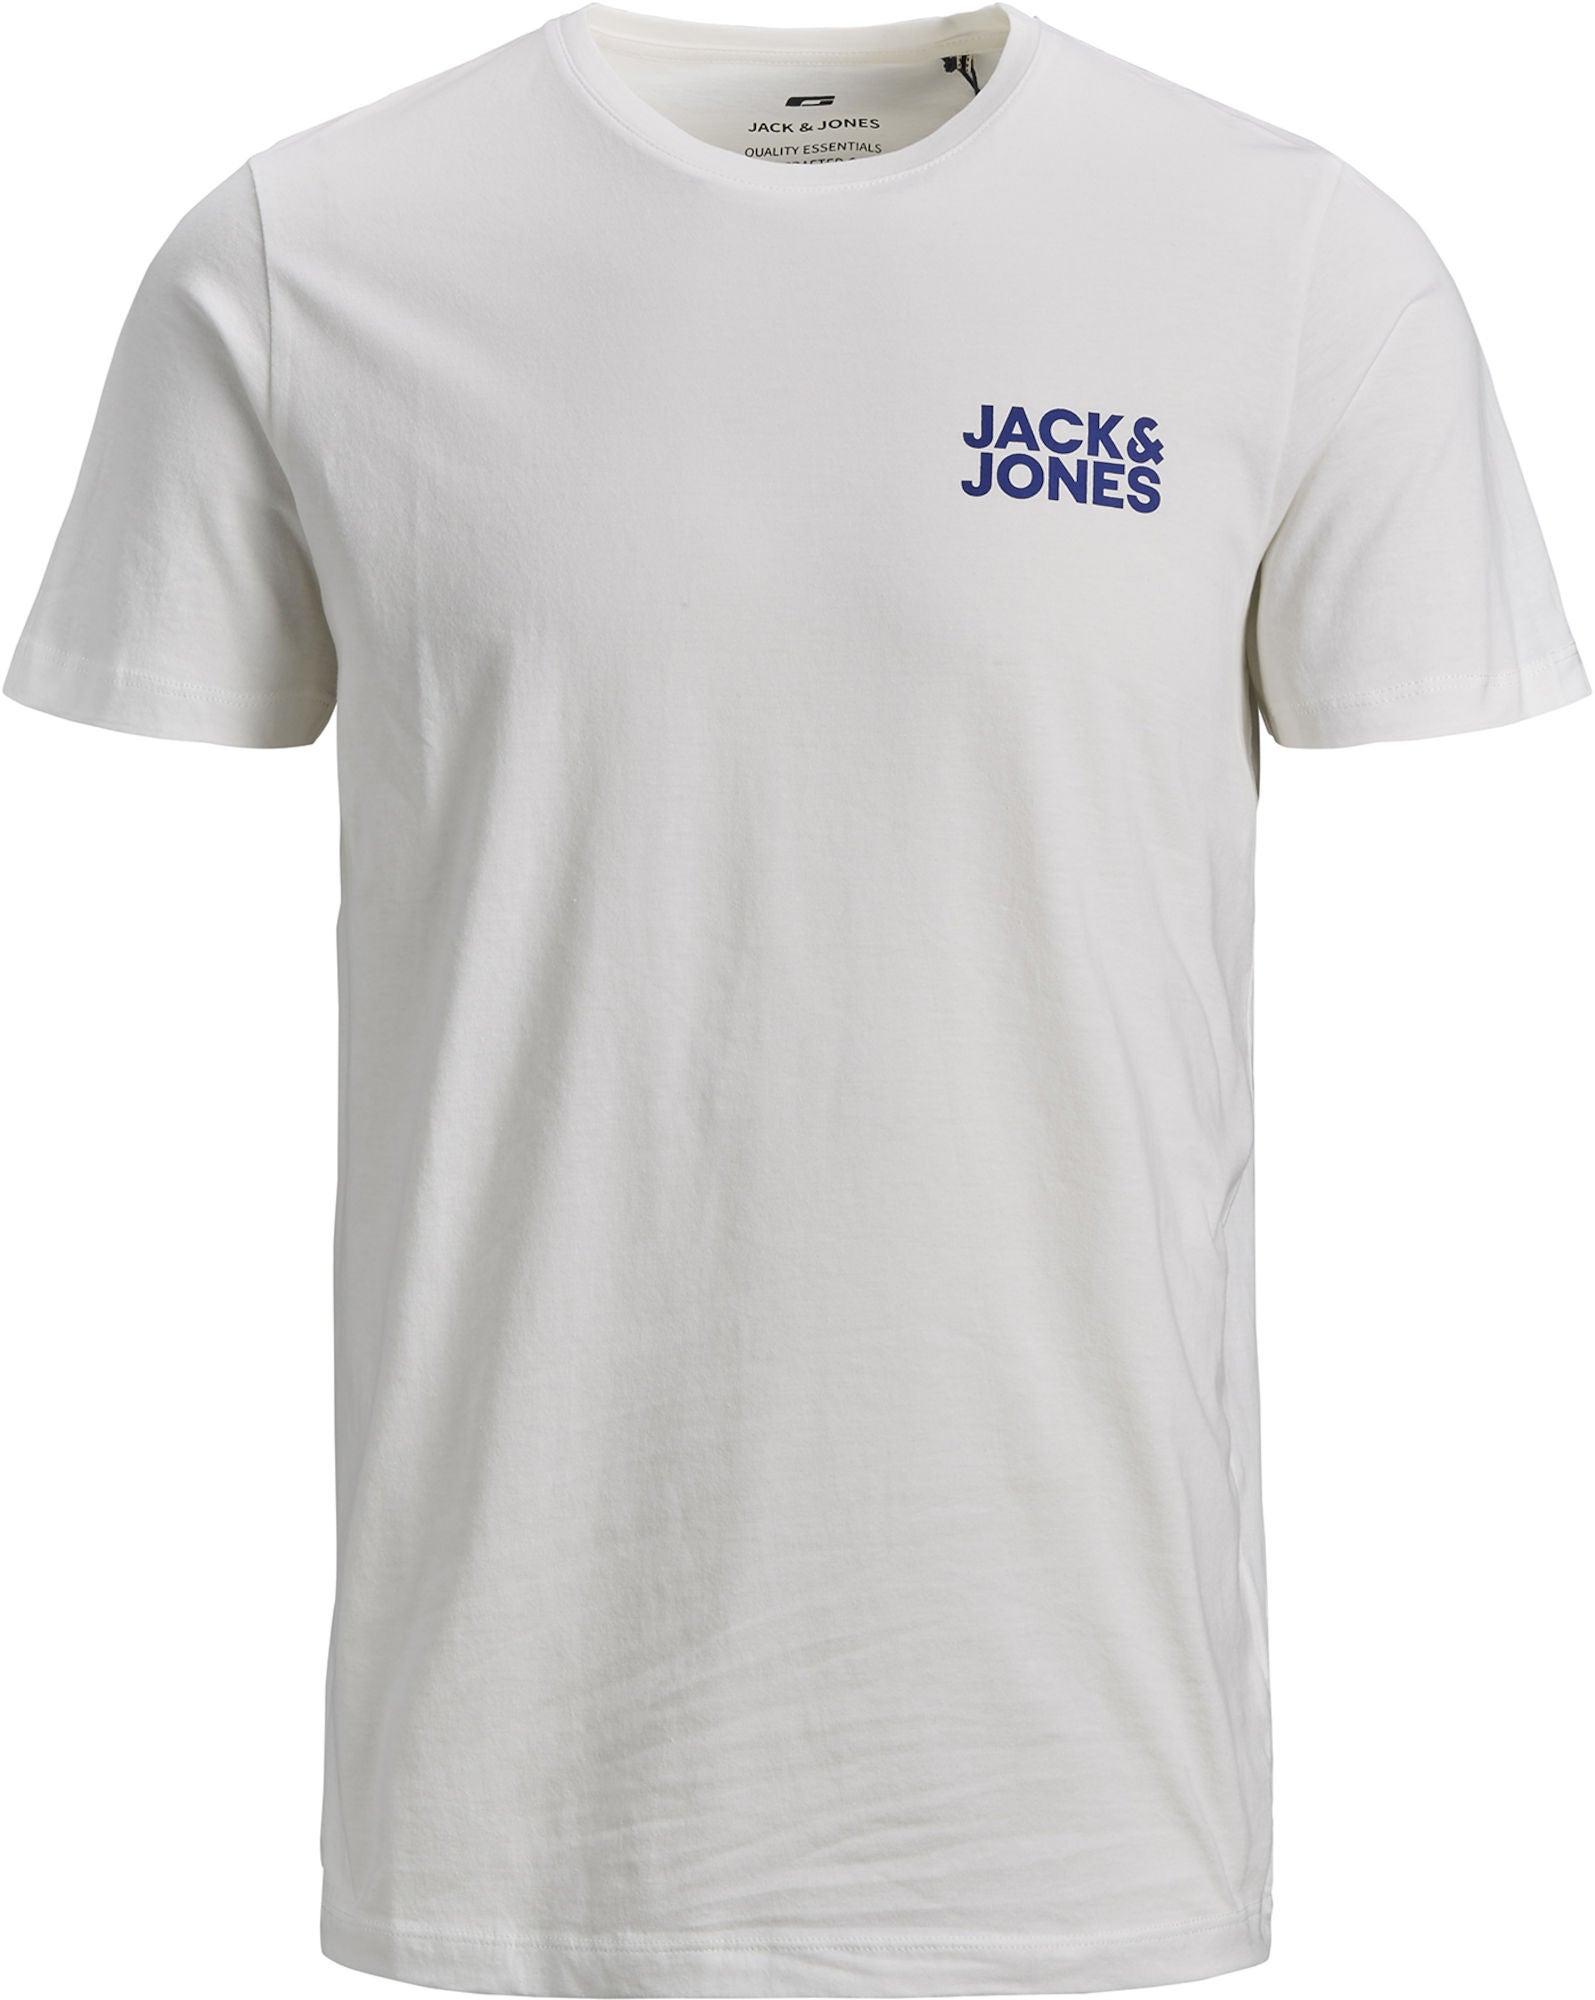 Jack & Jones Corp Crewneck T-Shirt, Cloud Dancer 128